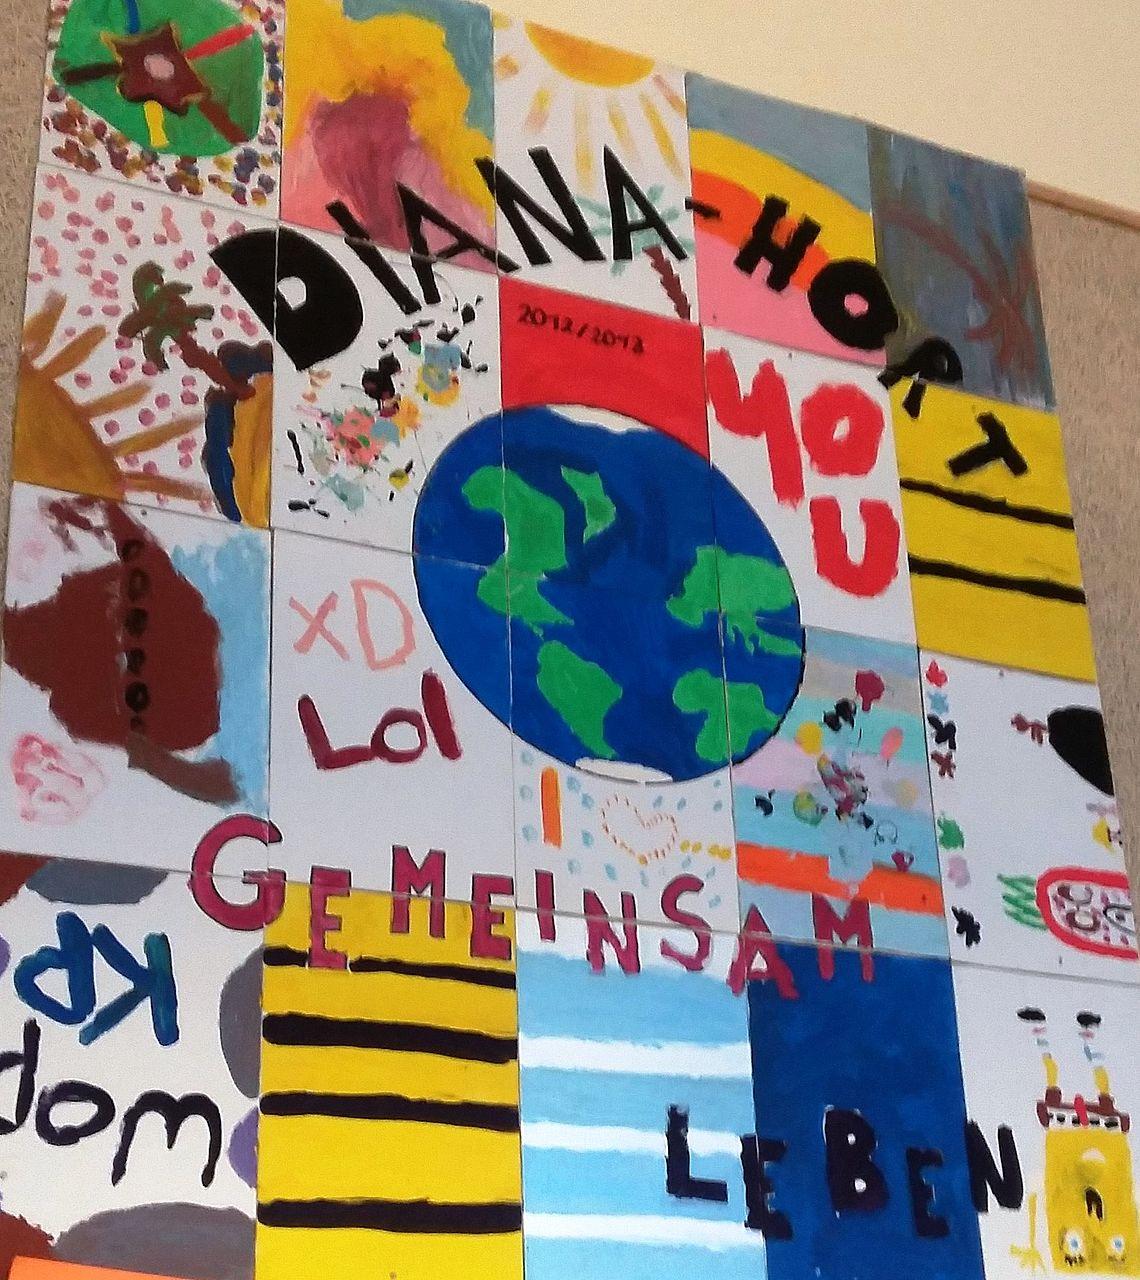 Ein Plakat zeigt: Mit Kursen bereiten sich Jugendliche (auch junge Flüchtlinge) auf den Abschluss in der 9. oder 10. Klasse der Mittelschule vor.